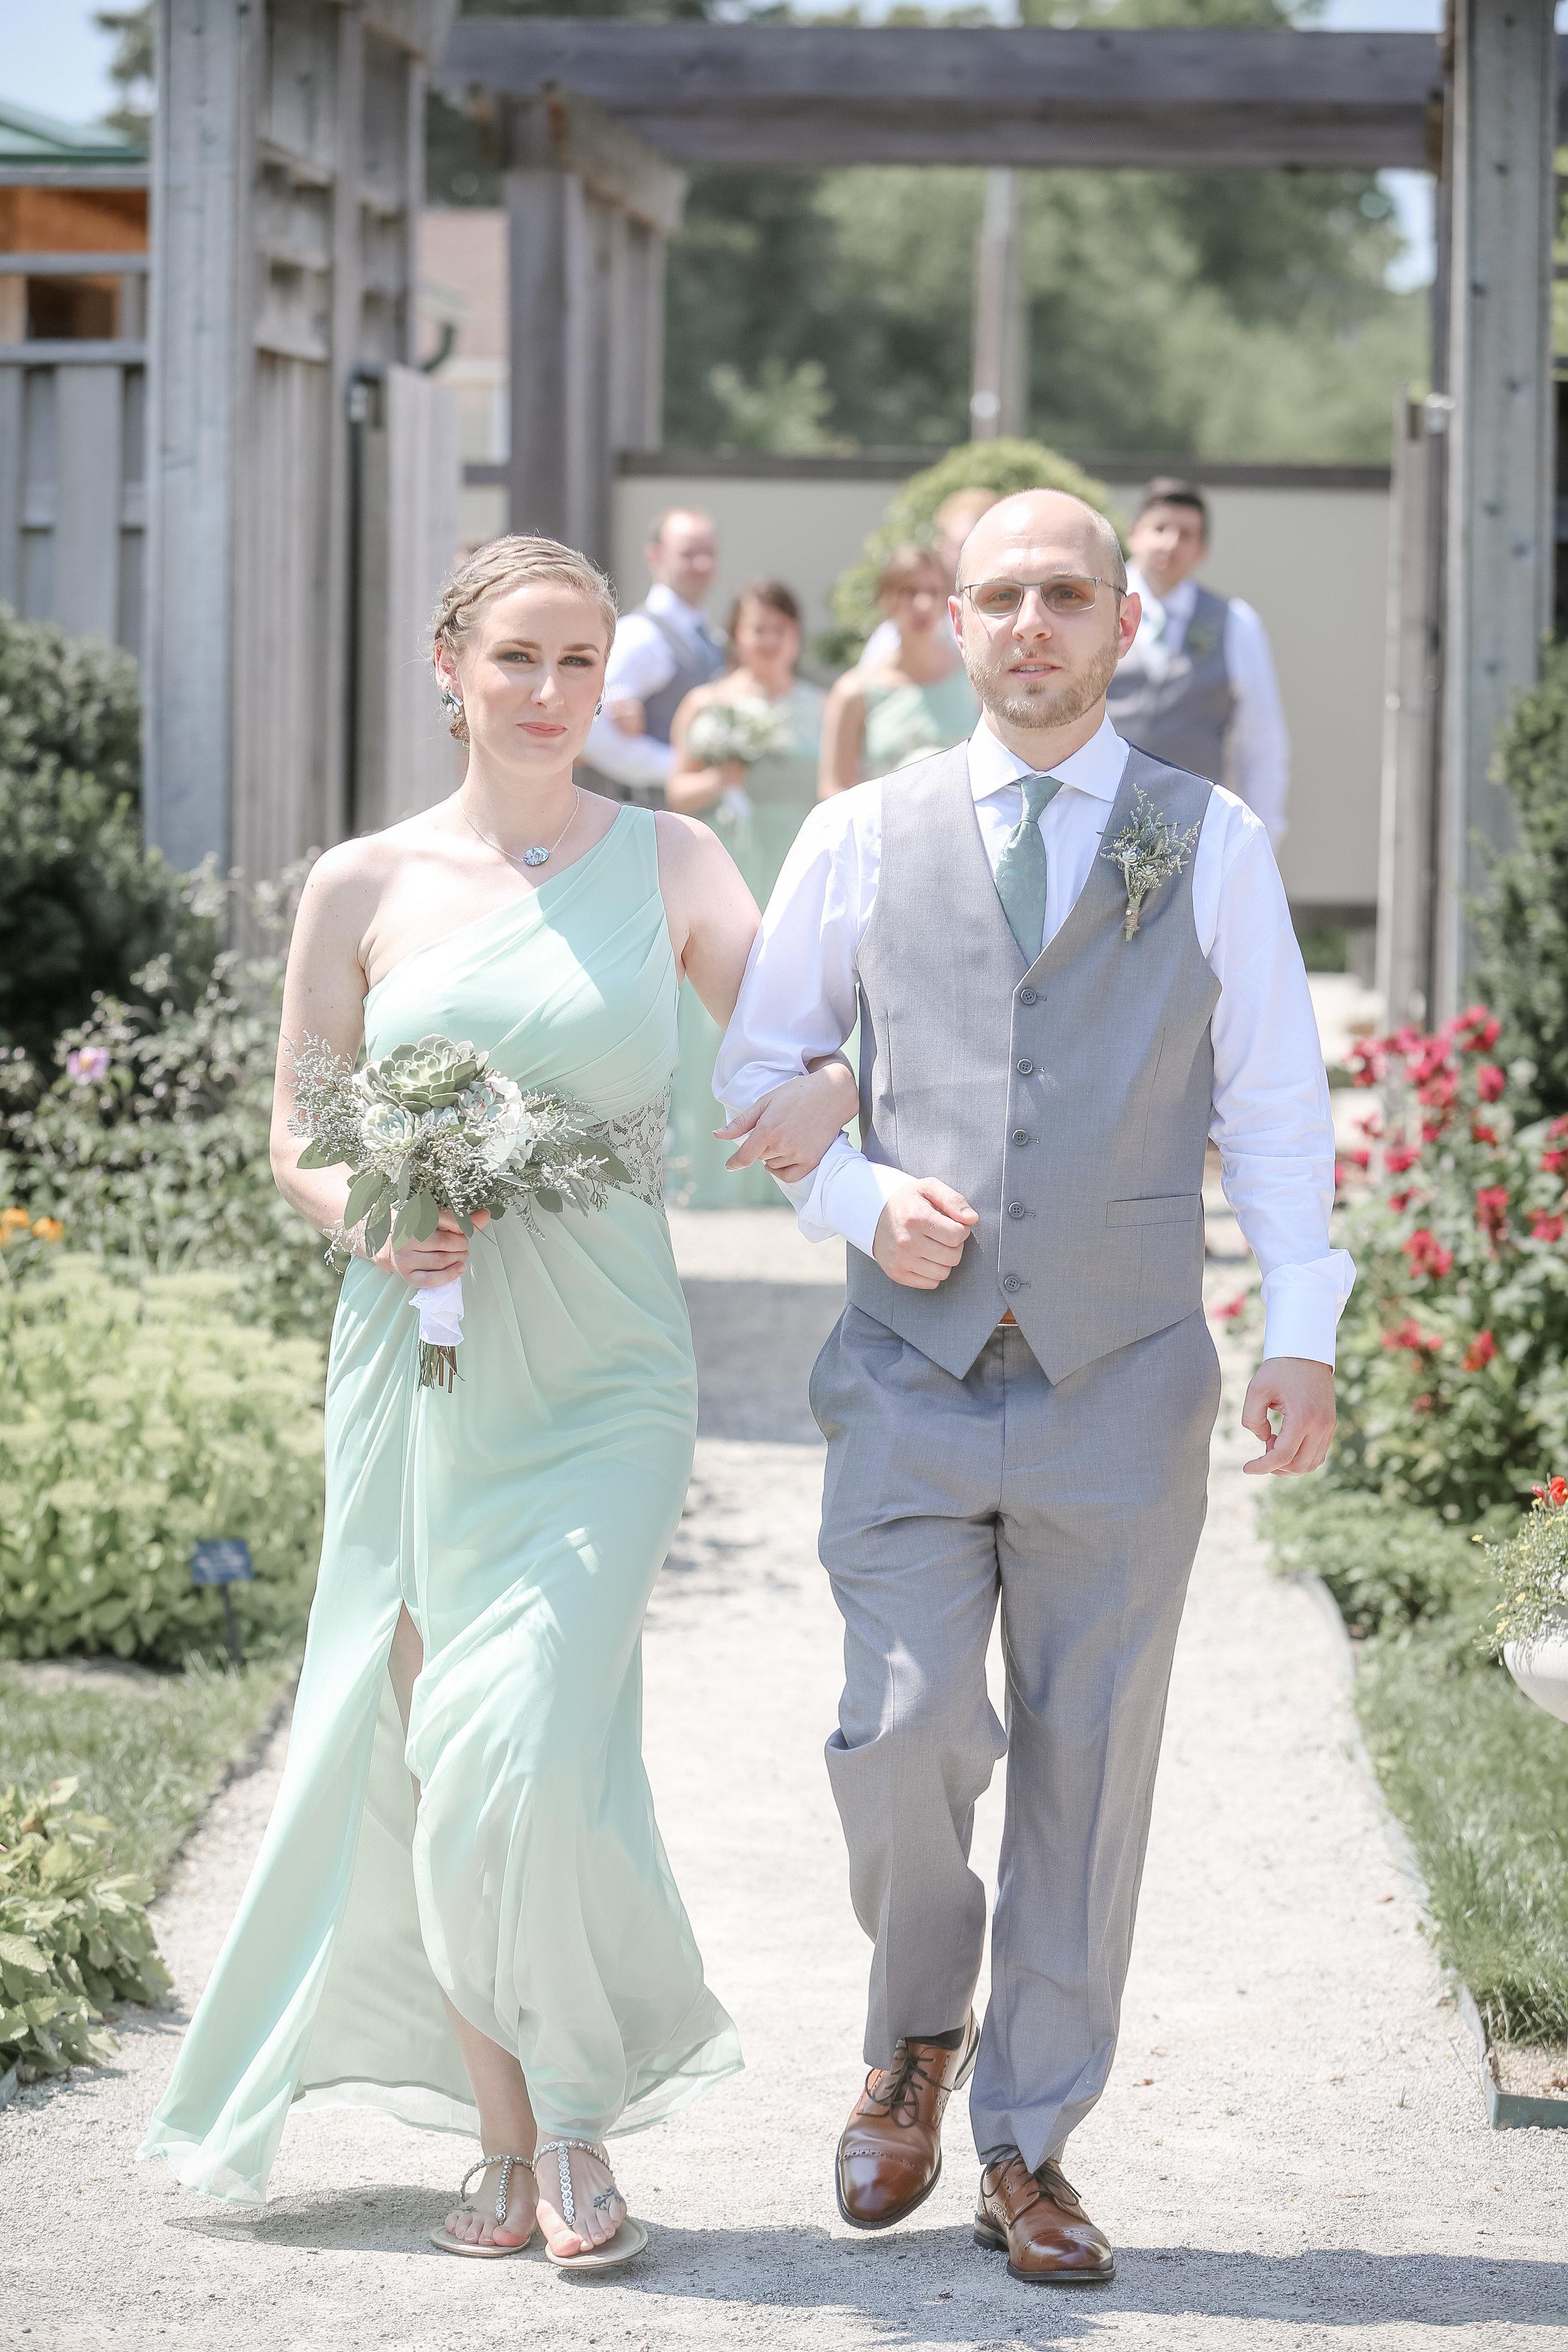 C_Wedding_Sarver, Alyssa & Scott_FOR BLOG-69.JPG